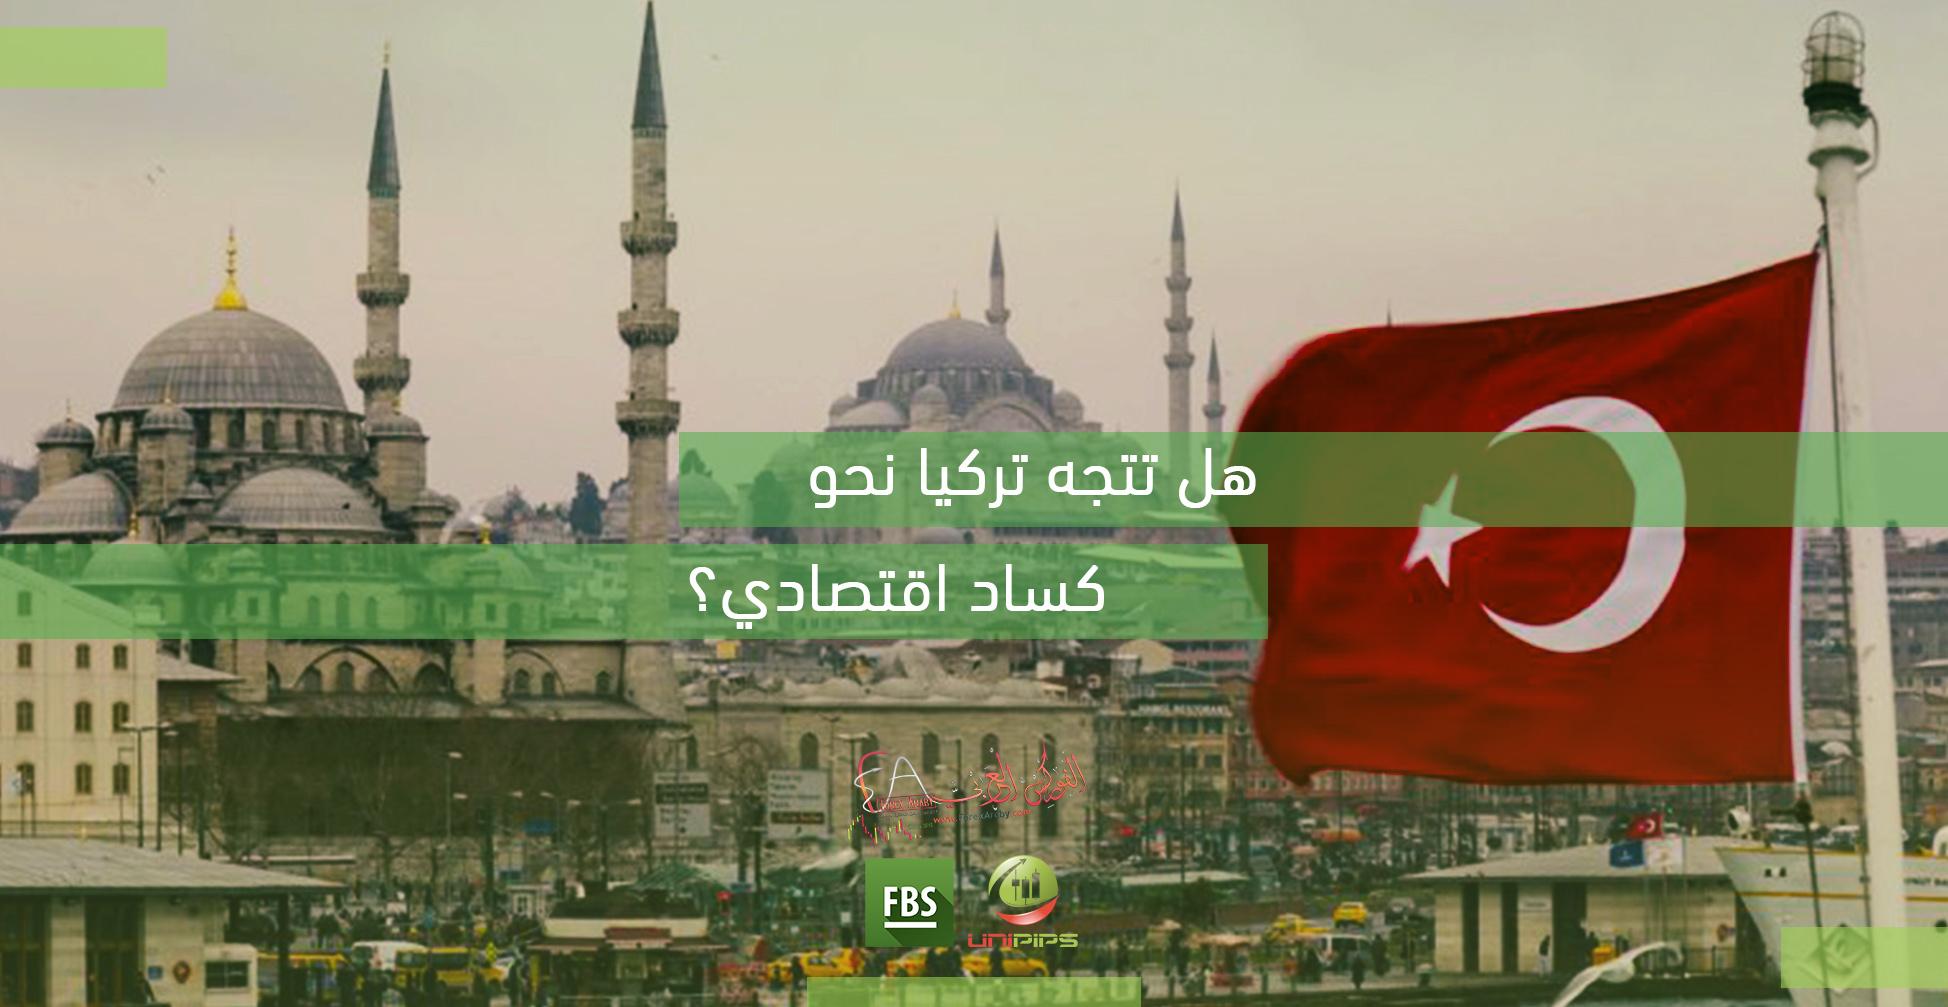 هل تتجه تركيا نحو كساد اقتصادي ؟!